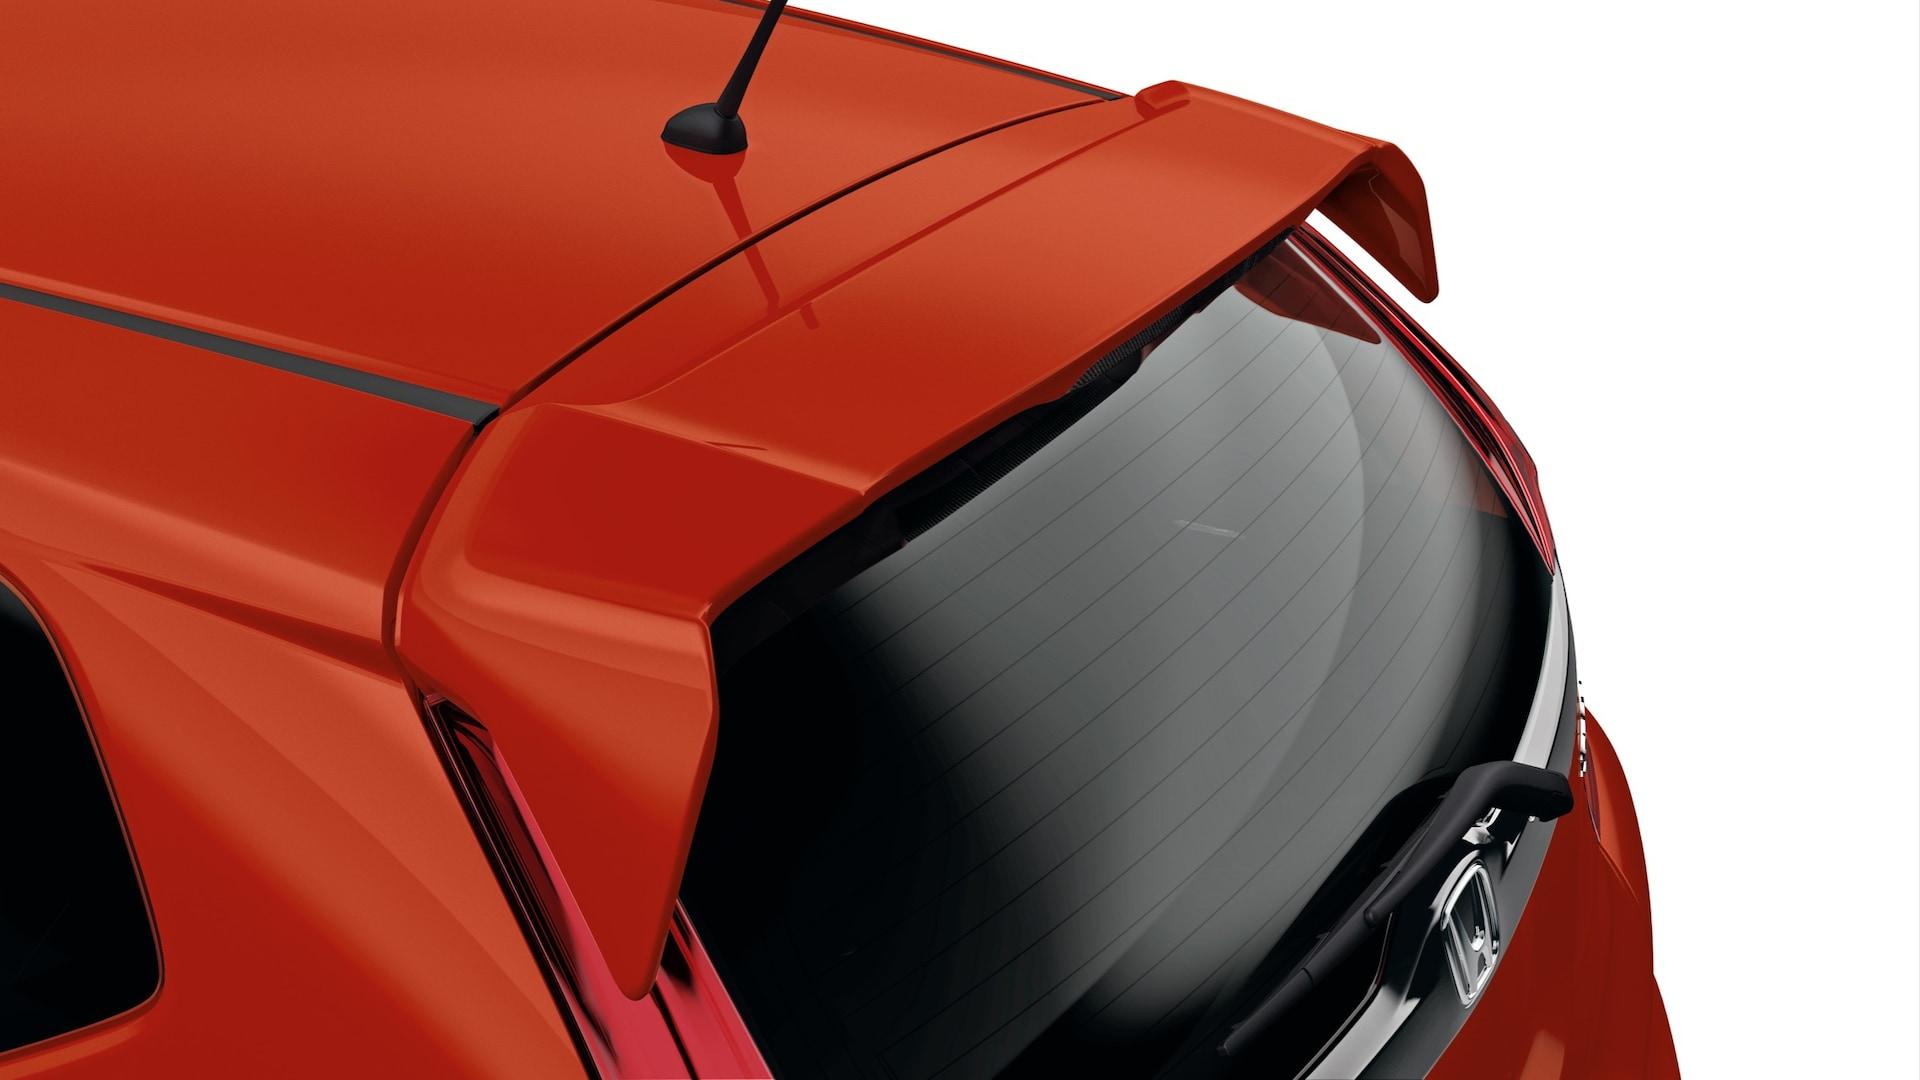 Detalle del alerón en la puerta trasera en el Honda Fit 2020 en Milano Red.